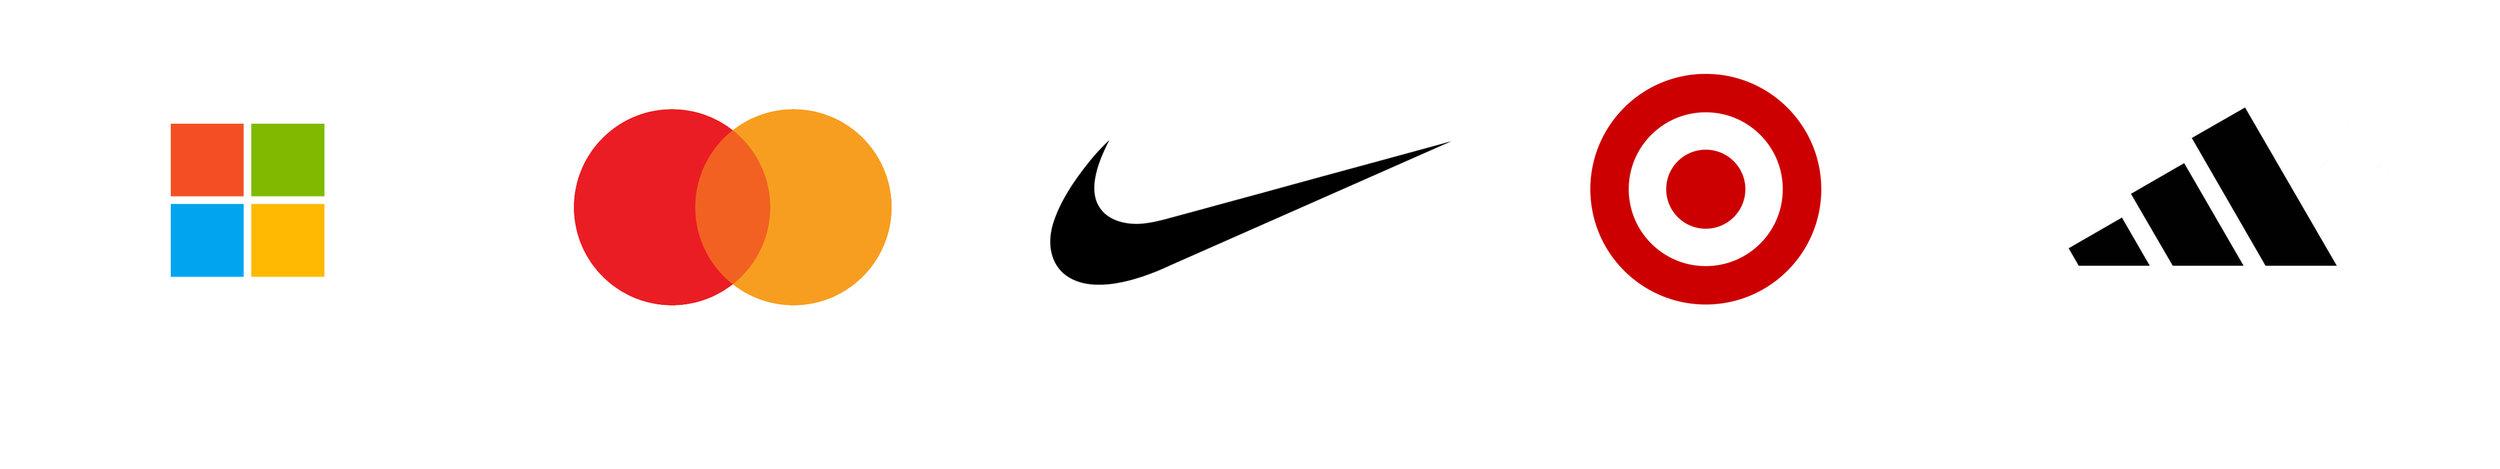 Logos-without-name.jpg